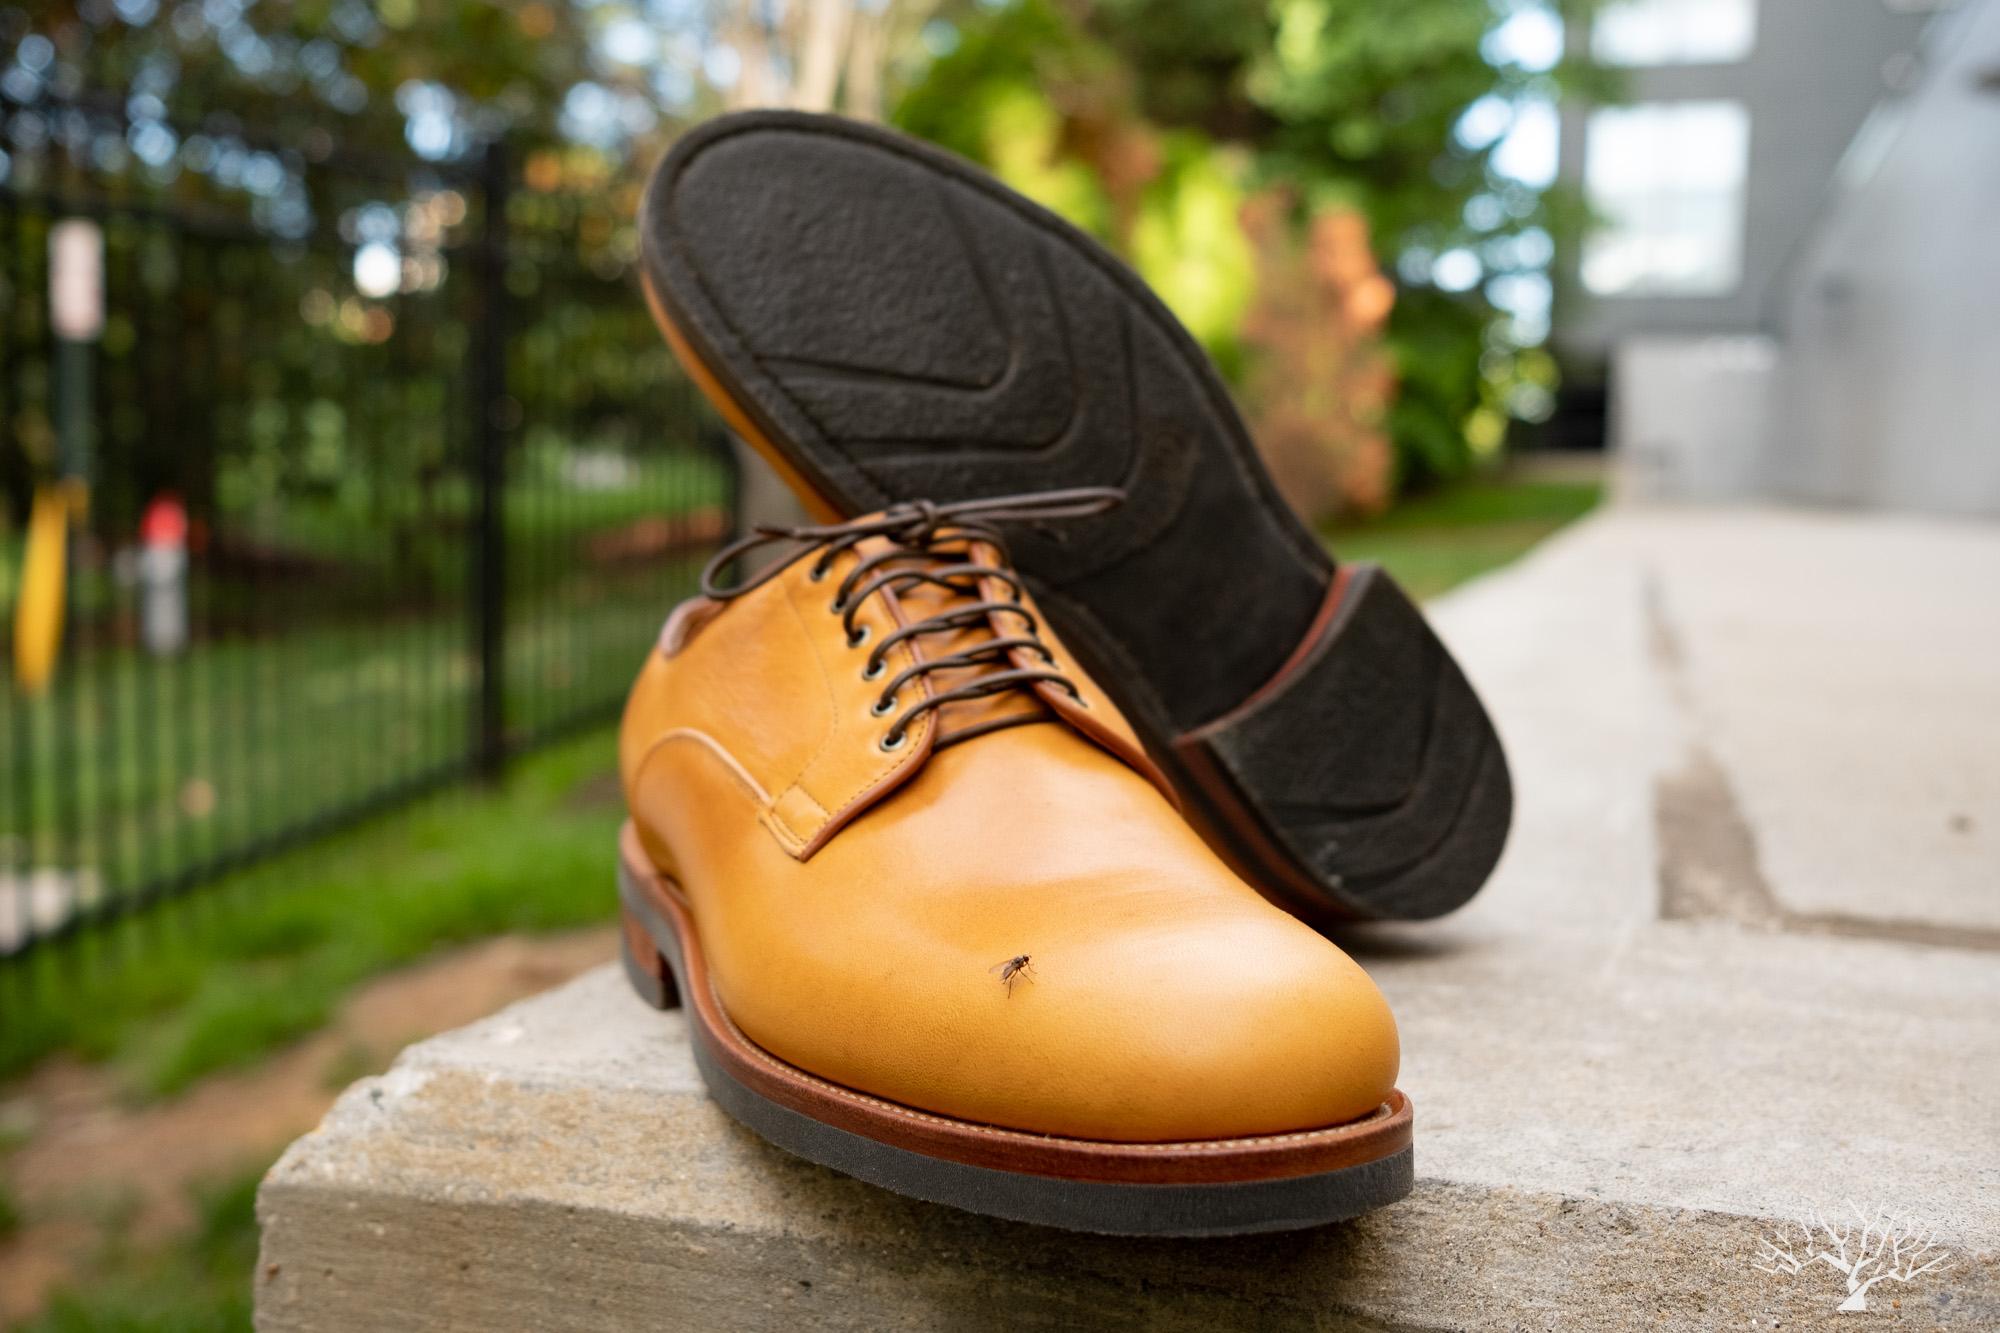 Viberg Derby Shoe Shinki Camel Latigo Horsehide on Lactae Hevea Sole